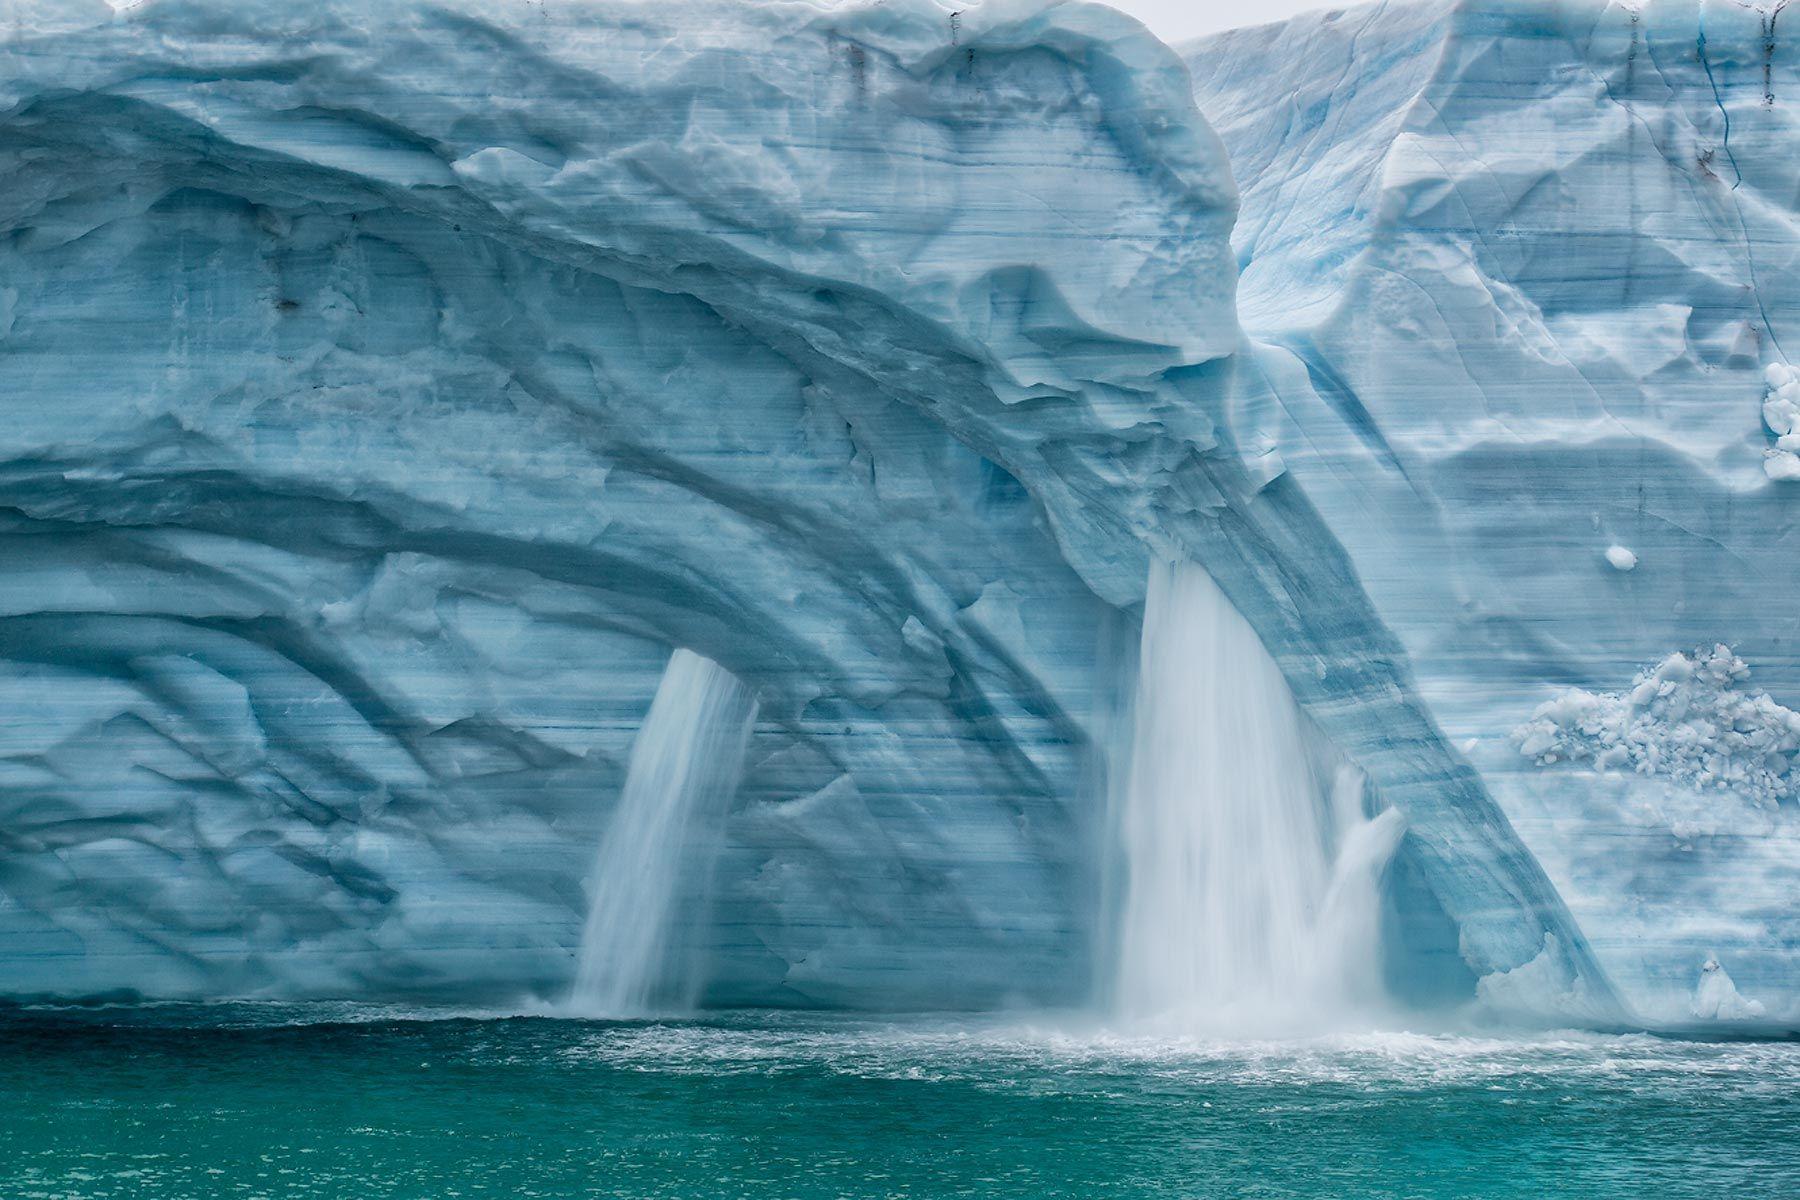 Ice-cap-melting-water-fall-blur-II_B8R5010-Brasvellbreen,-Svalbard,-Arctic.jpg